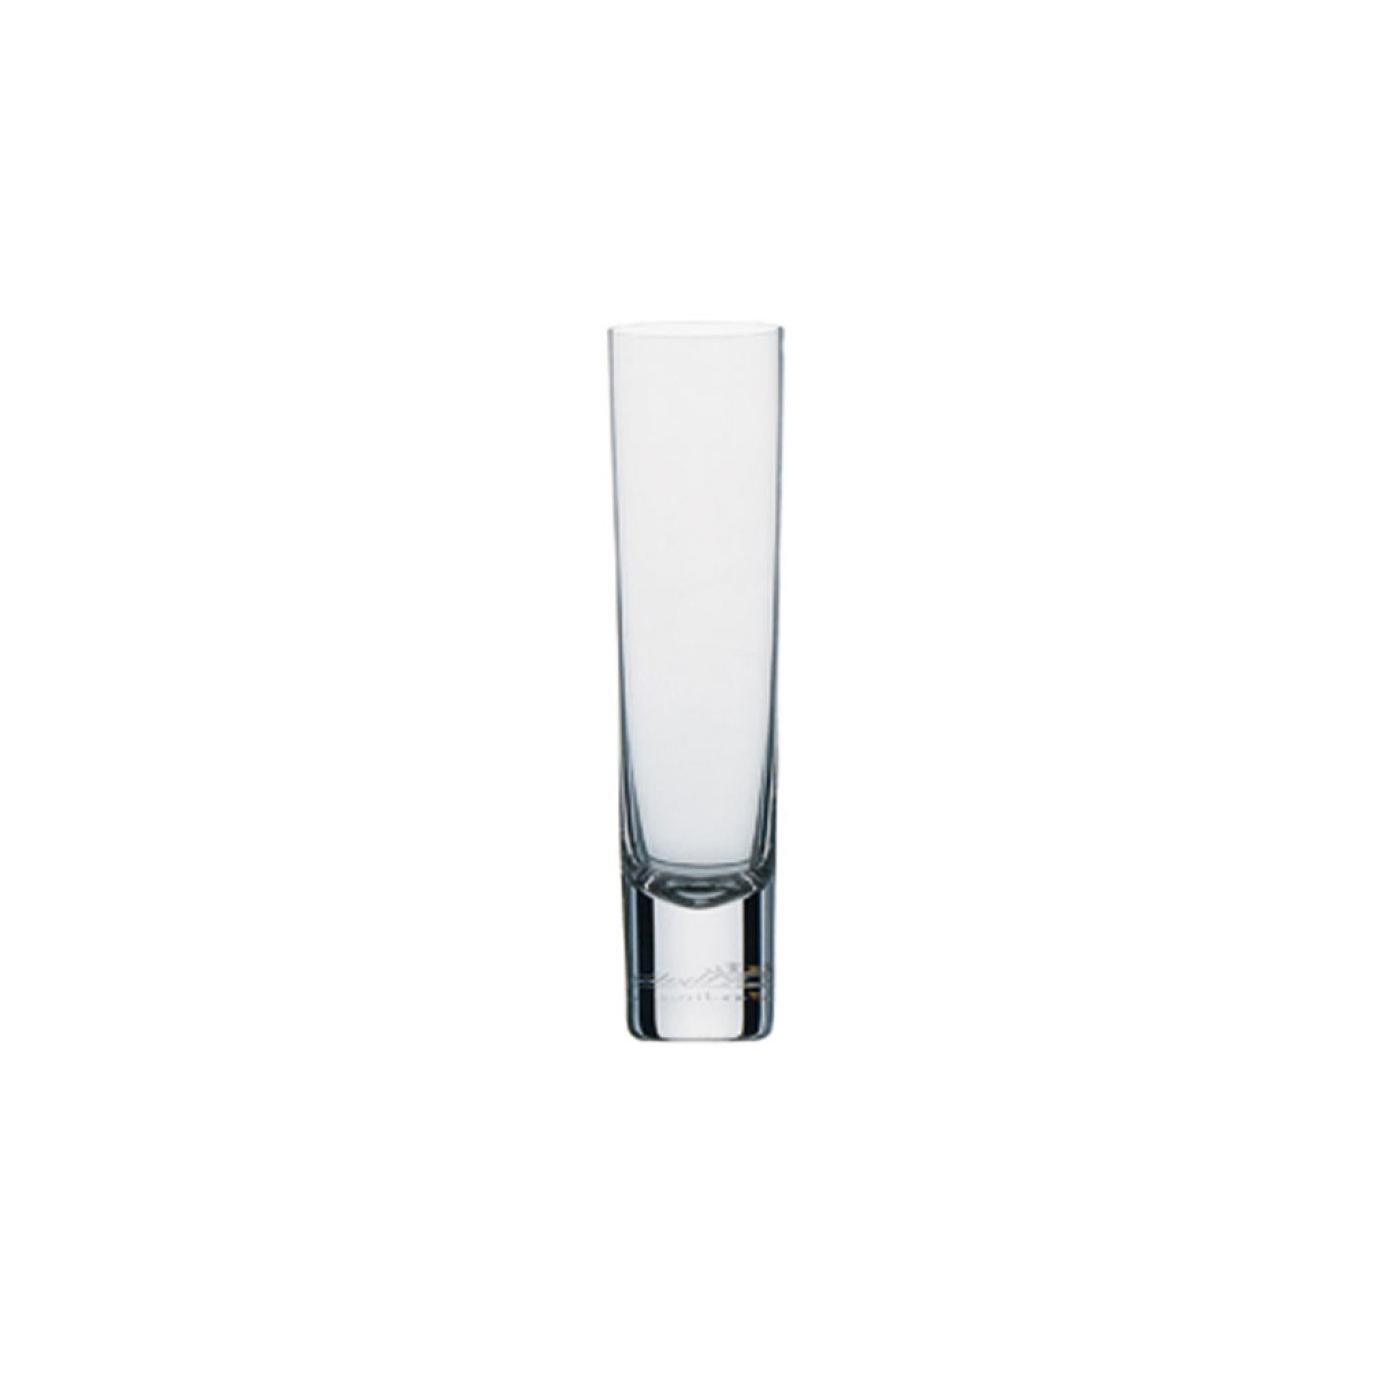 Штоф для шнапса, водки Vero  120 мл, высота 17,5 см (Хрусталь и стекло Rosenthal)Хрусталь и стекло Rosenthal<br>Штоф для шнапса, водки Vero  120 мл, высота 17,5 смКоллекция Vero: современный, лаконичный, удобный дизайн. <br>Материал: хрустальБренд: RosenthalПроизводитель: Rosenthal, ГерманияПодходит для мытья в посудомоечной машине, но мы рекомендуем делать это вручную.<br>Если все же использовать посудомоечную машину - располагайте предметы под небольшим углом, чтобы не оставалось следов, когда вода стекает. Необходимо позаботиться о том, чтобы стеклянные предметы были уложены так, чтобы они не касались друг друга. Выбирайте деликатный режим  и низкую температуру, используйте мягкое моющее средство. Не используйте слишком много моющего средства.<br>